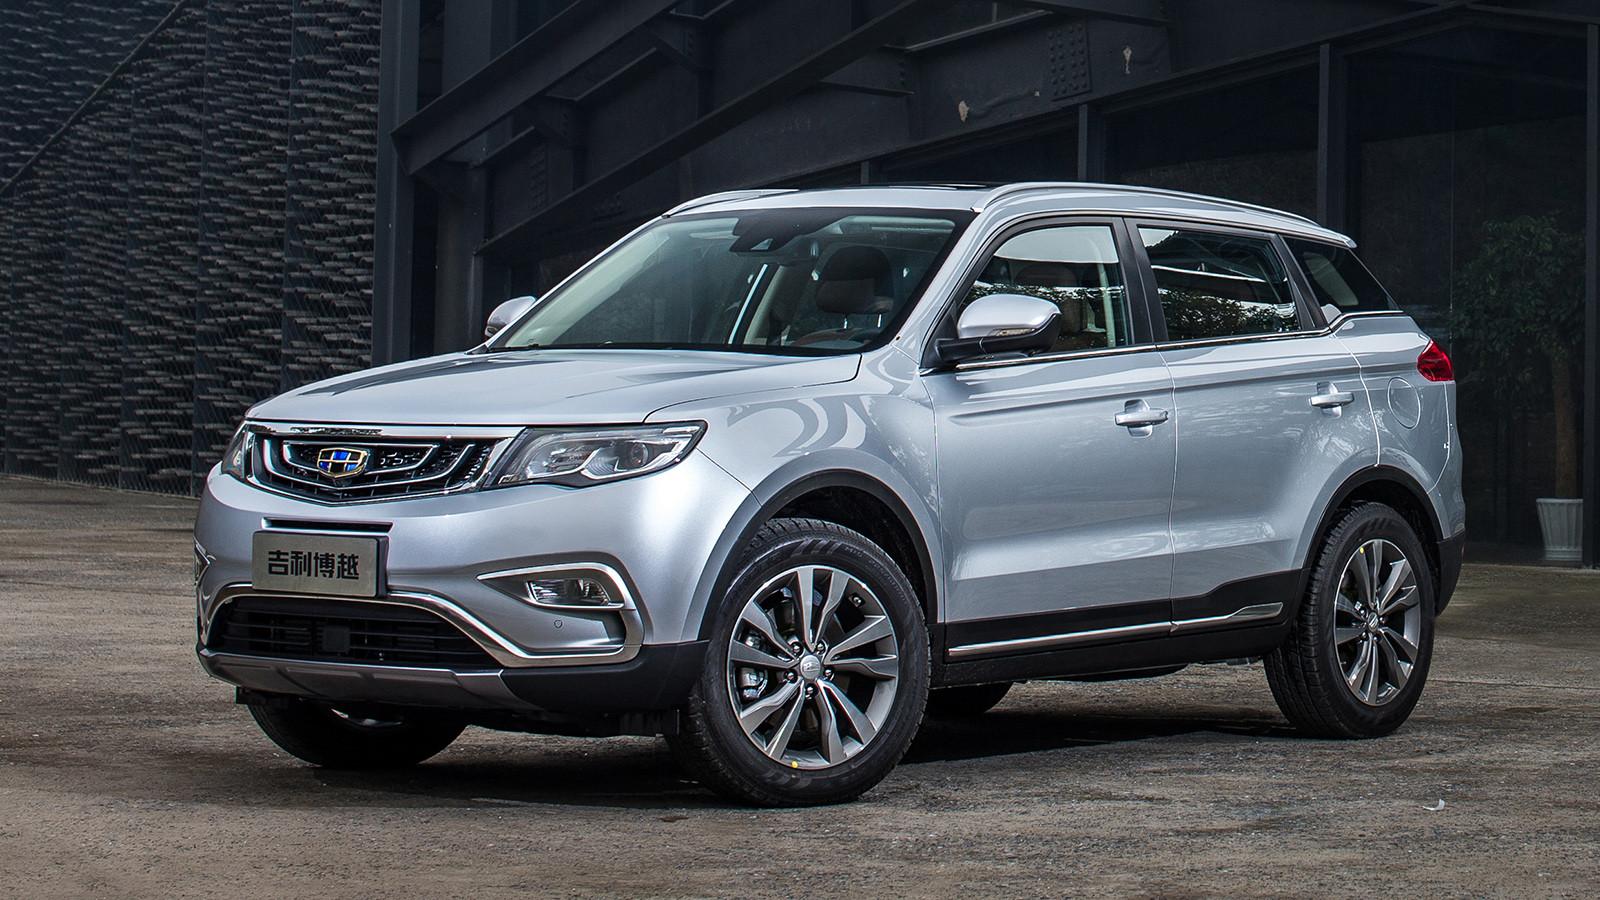 Geely Auto побила рекорды продаж автопрома Китая